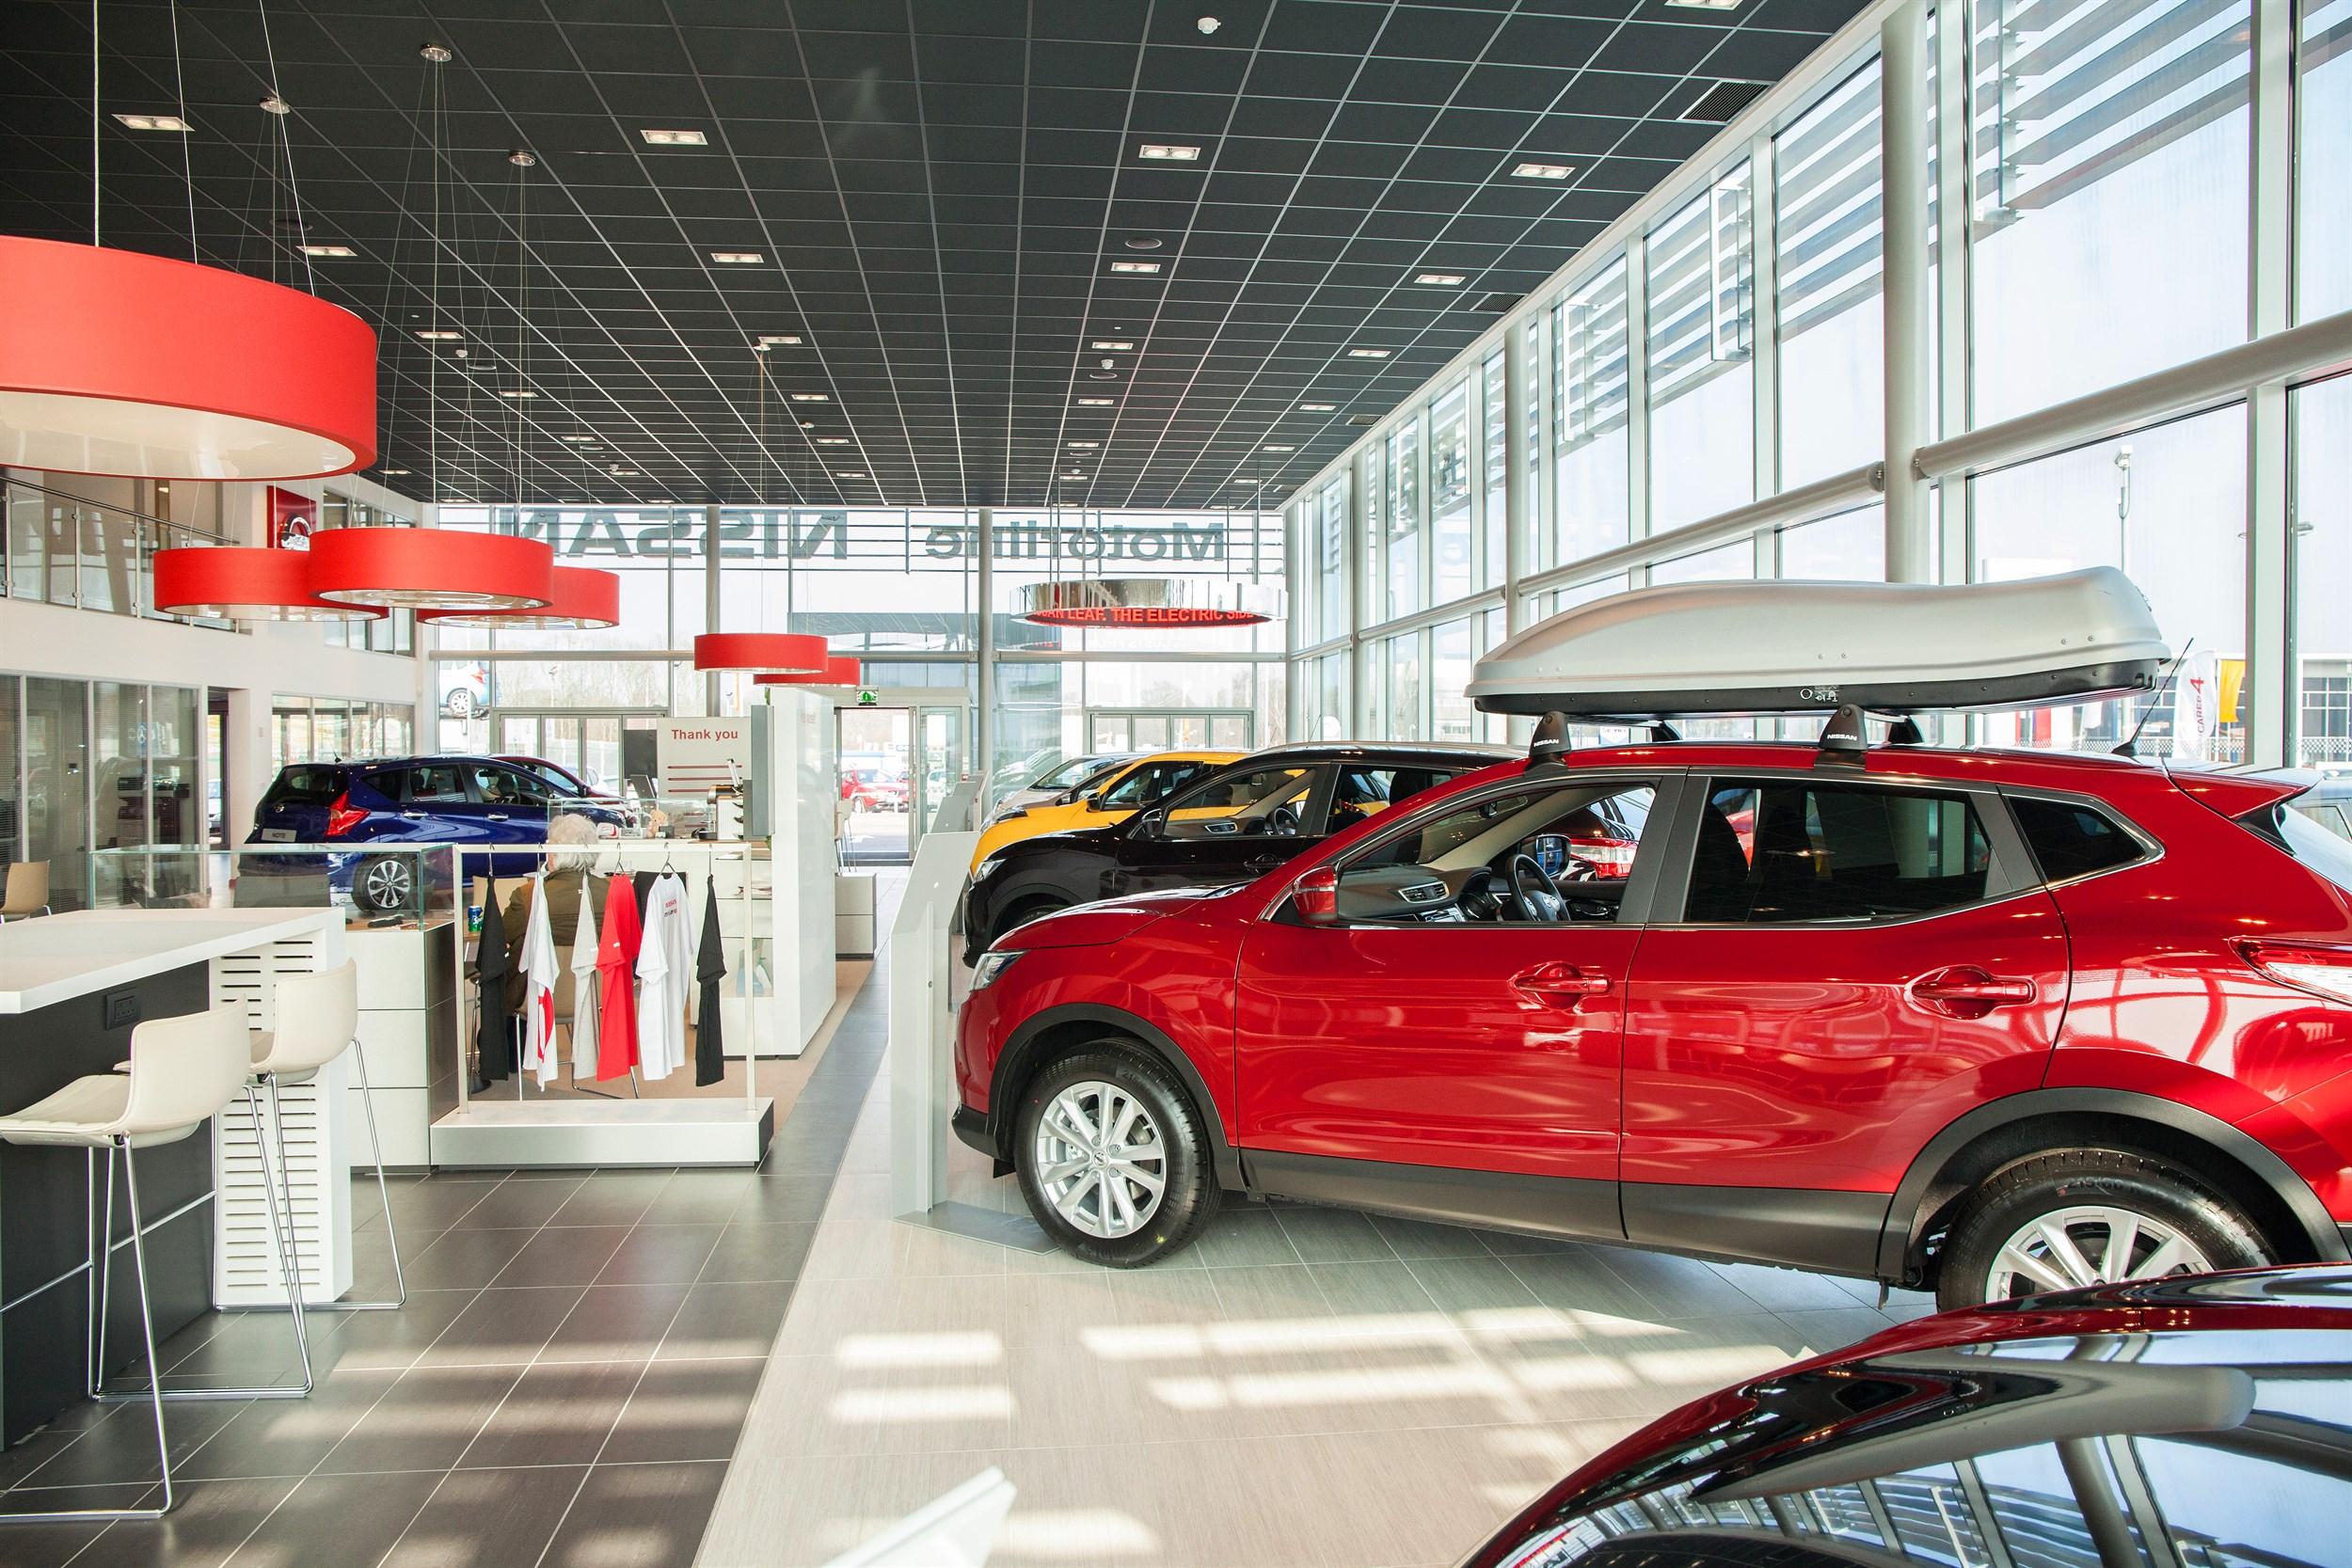 Motorline Nissan, Maidstone, Kent | Dealership galleries